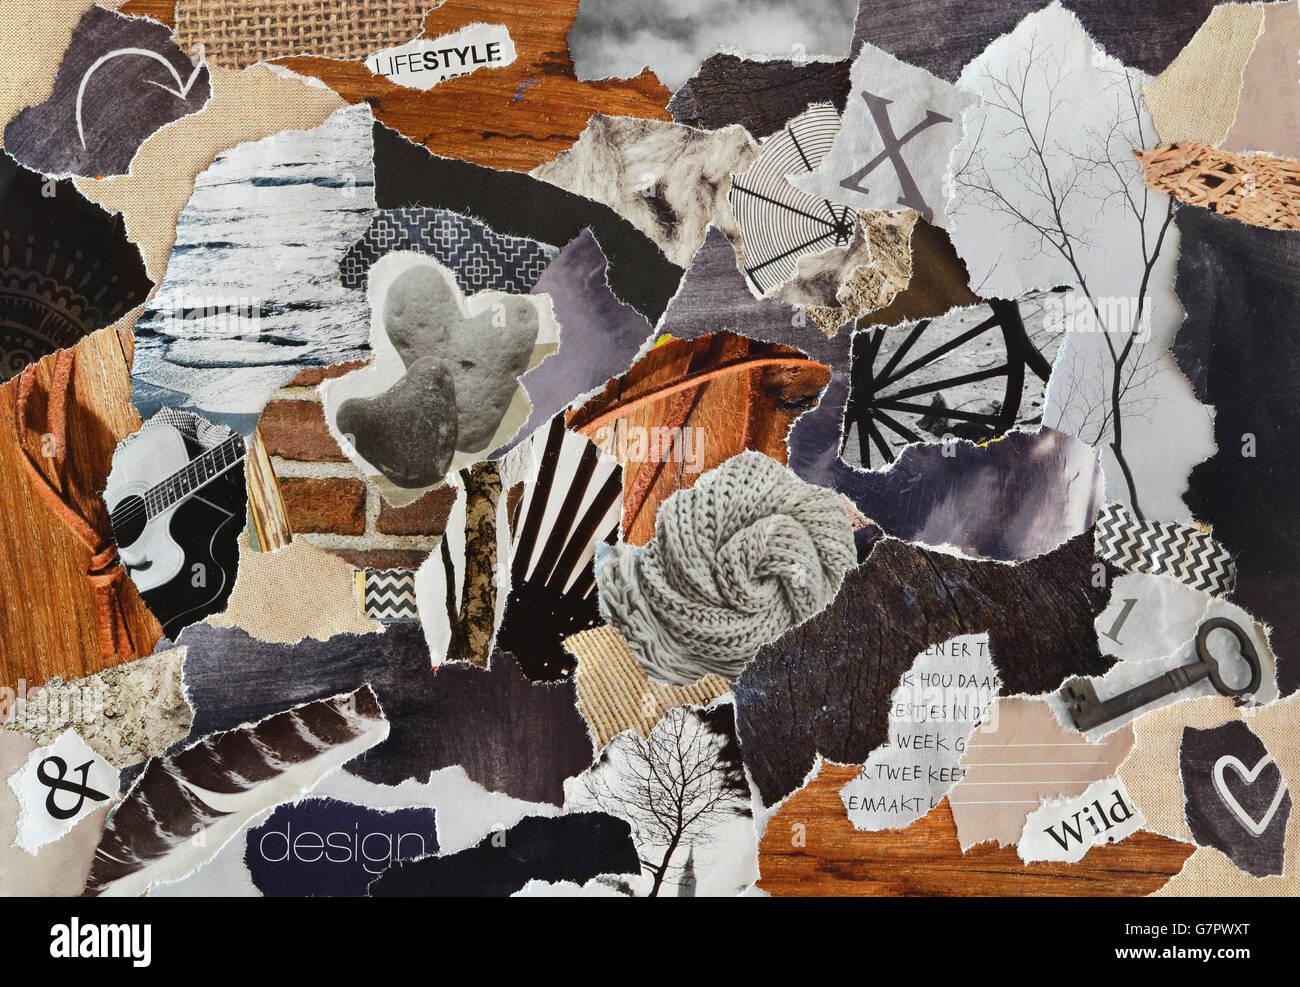 Kreative Atmosphare Kunst Stimmung Board Collage Blatt In Der Bunten Natur Gemacht Nylongefangnis Zeitschriften Und Drucksachen Papier Mit Zeichen Und Textur Stockfotografie Alamy